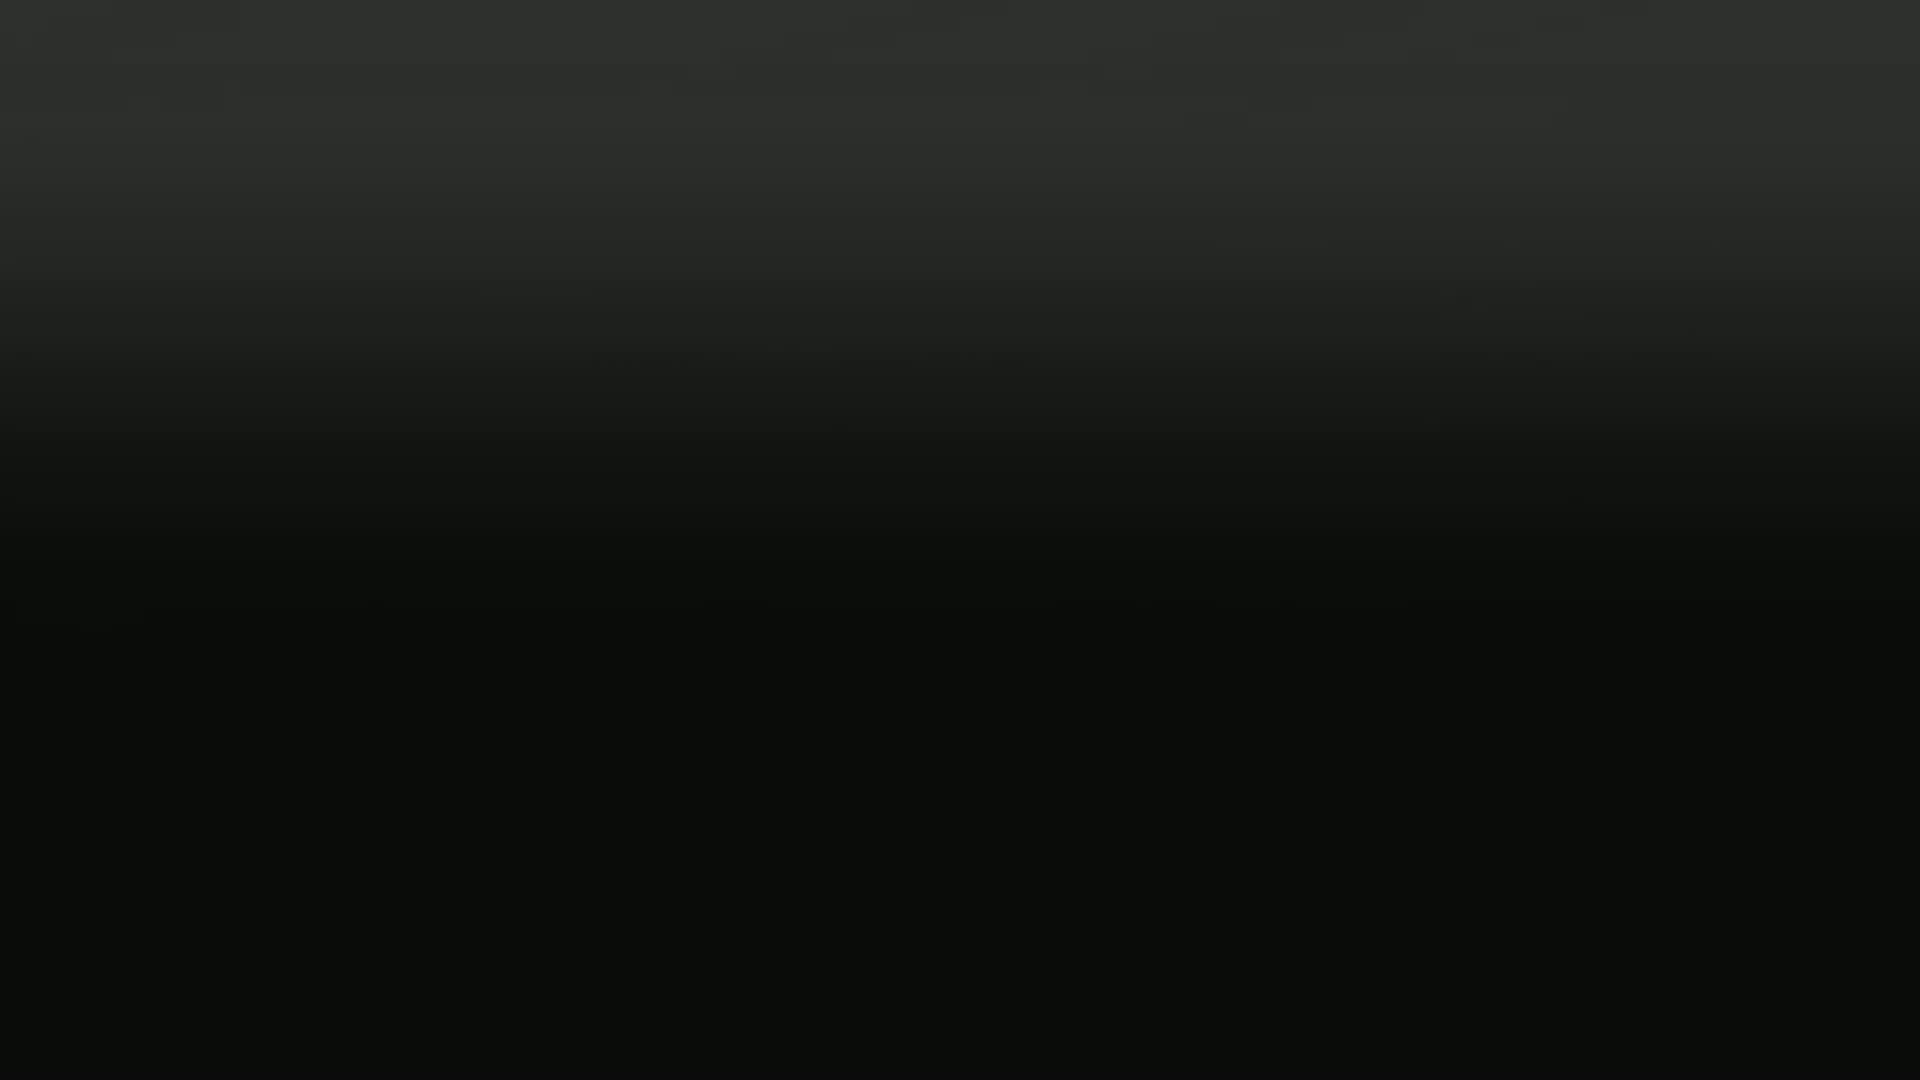 アフター6~体液飛び散る肉体交渉~ - 瀧澤まい【69 バック 側位 対面座位 クンニ フェラ 正常位 騎乗位 中出し】